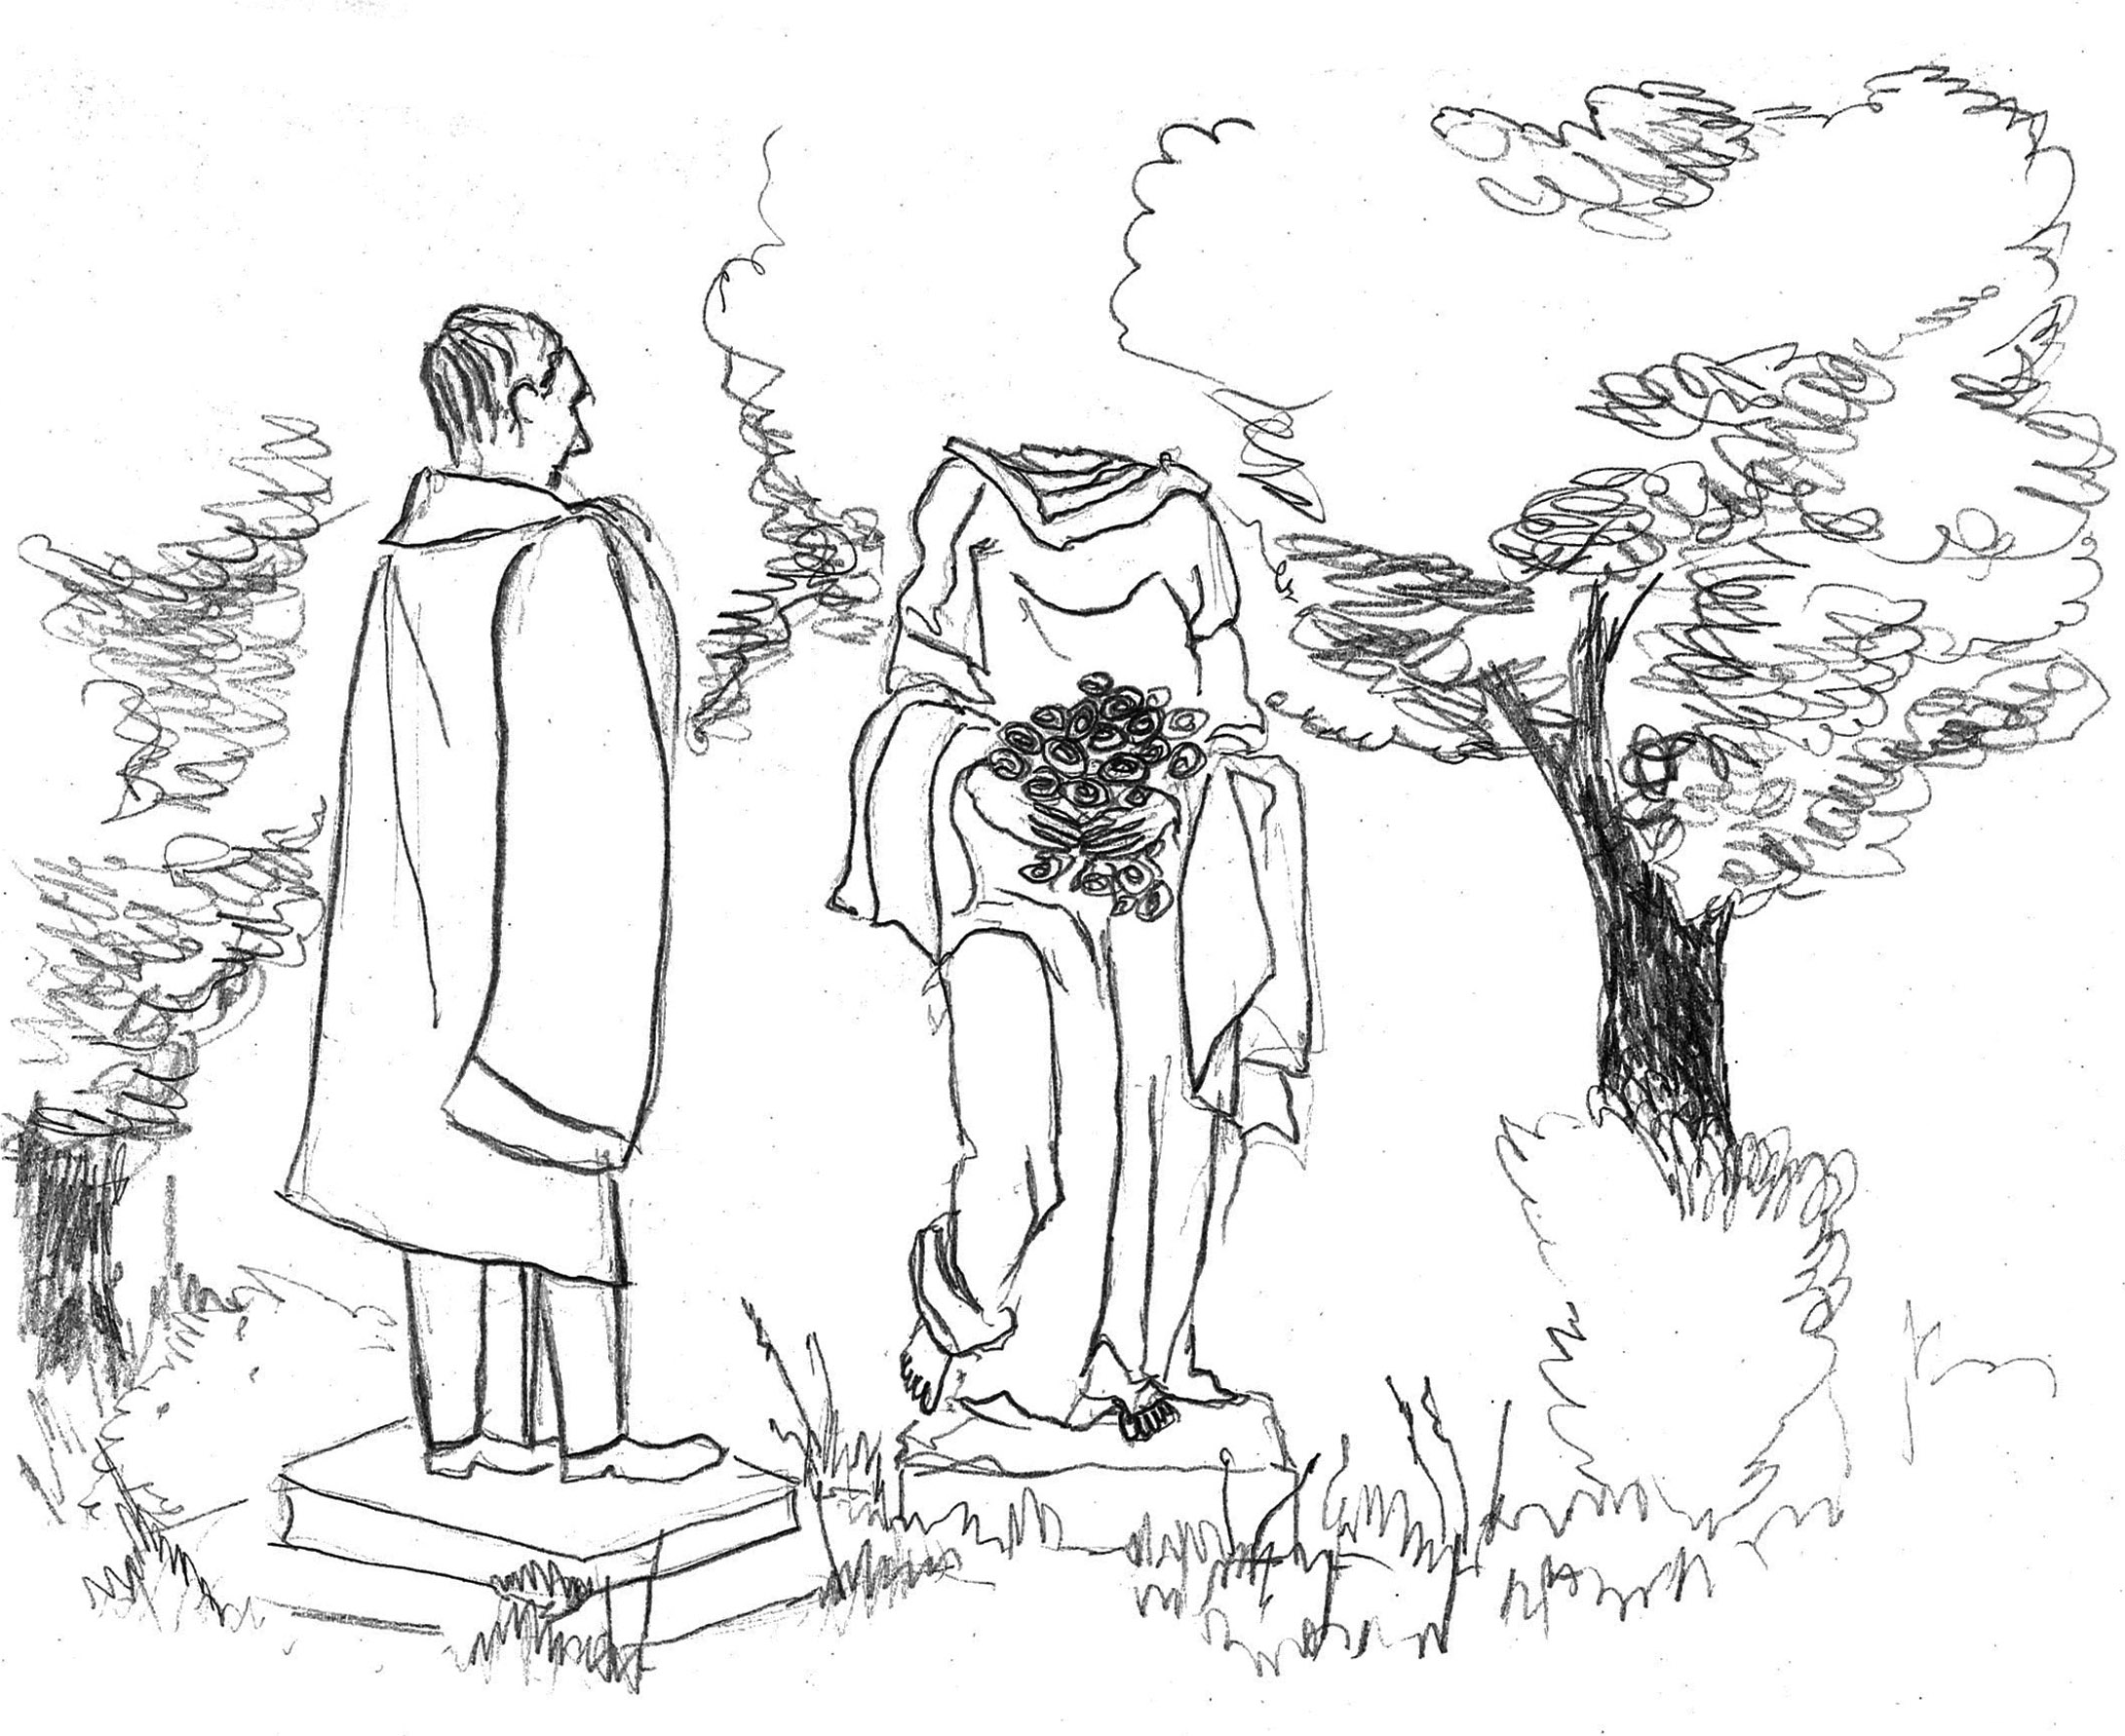 Desenho de Carmona num jardim junto com estátua feminina decapitada.